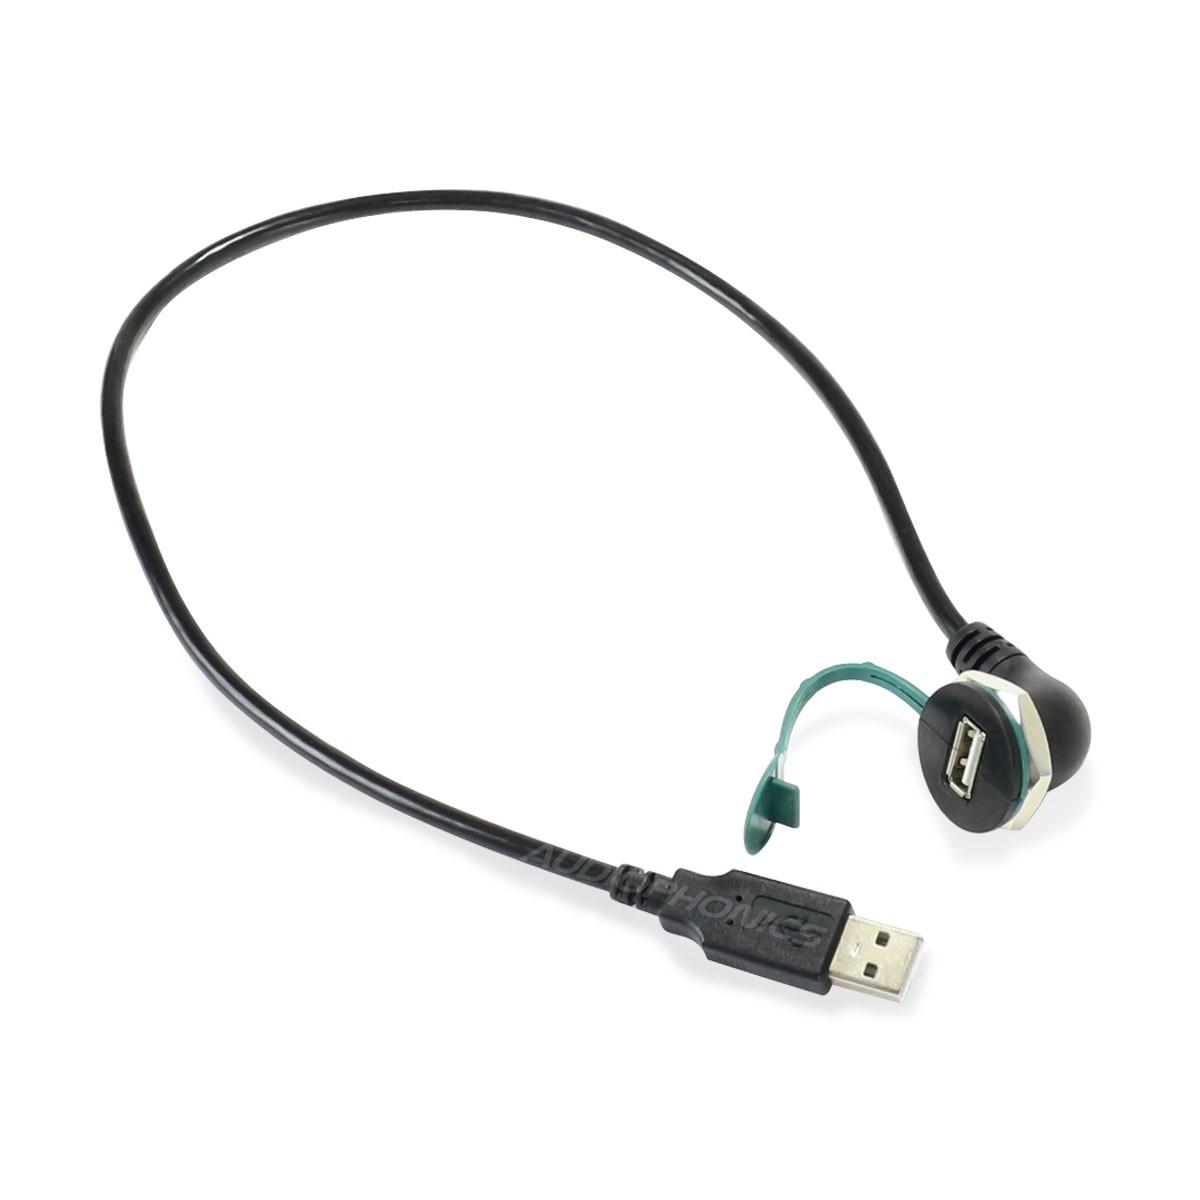 Passe Cloison USB-A 2.0 Mâle vers USB-A 2.0 Femelle Coudé Noir 0.5m